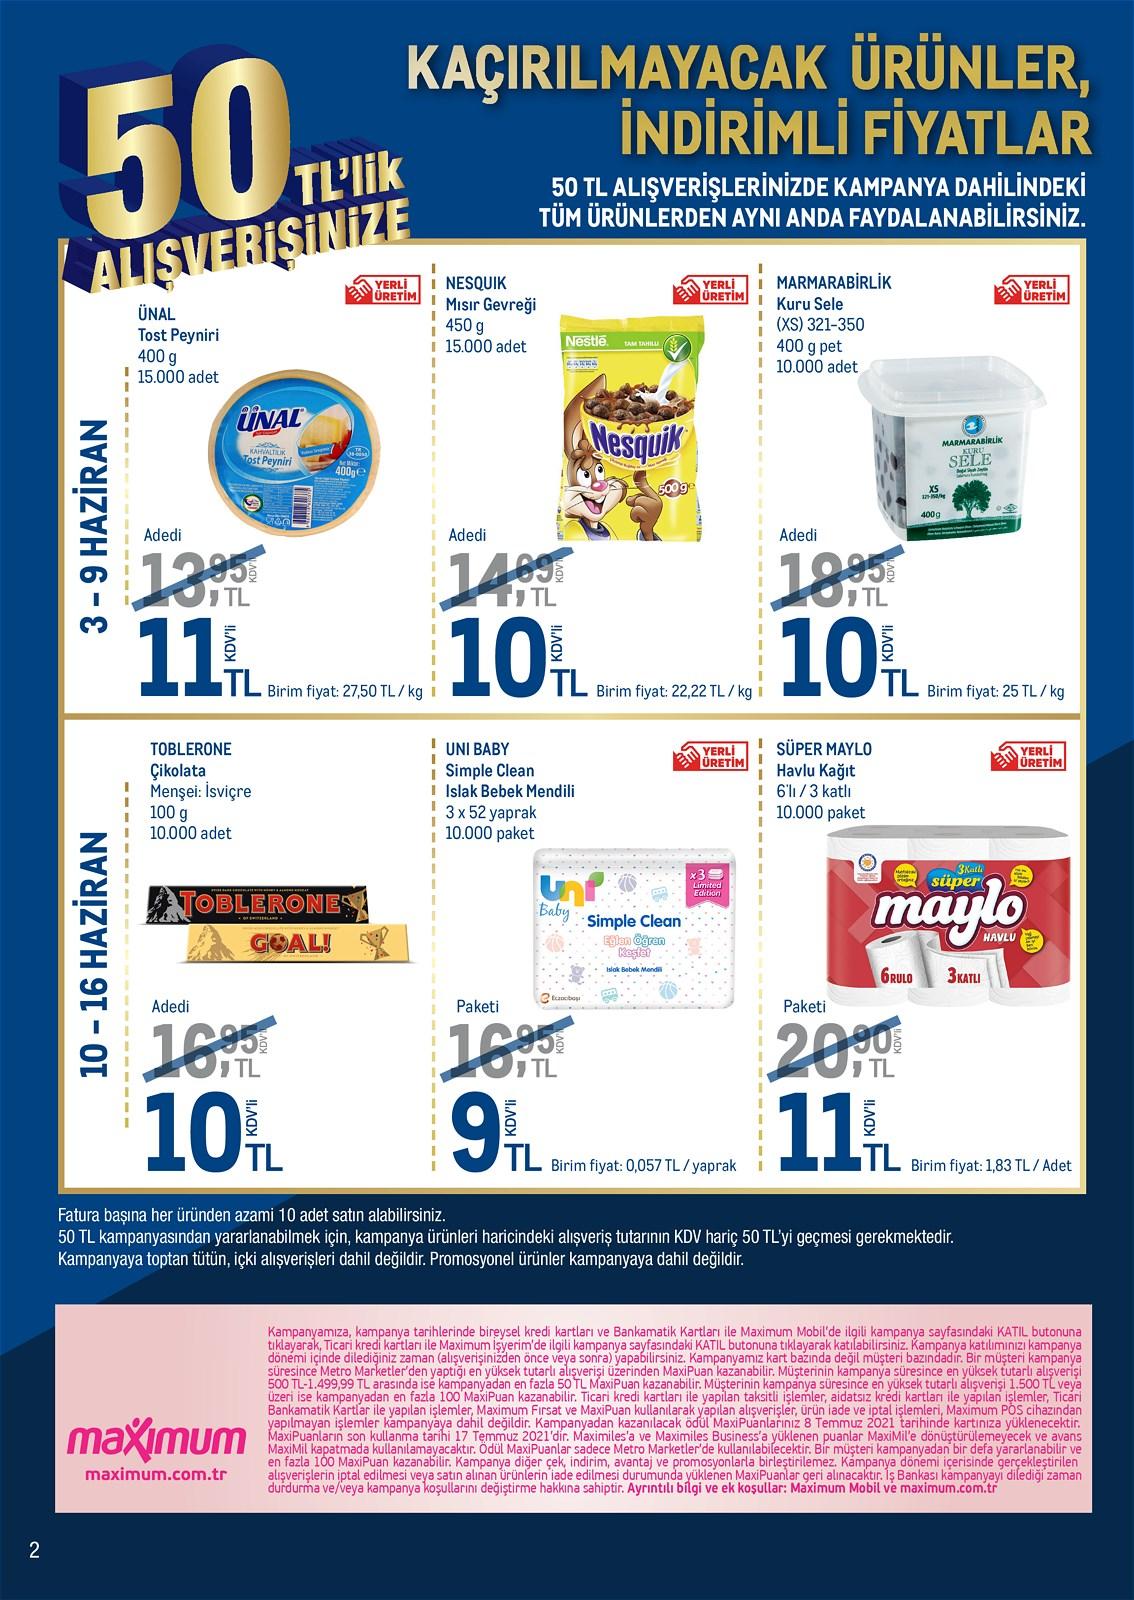 03.06.2021 Metro broşürü 2. sayfa